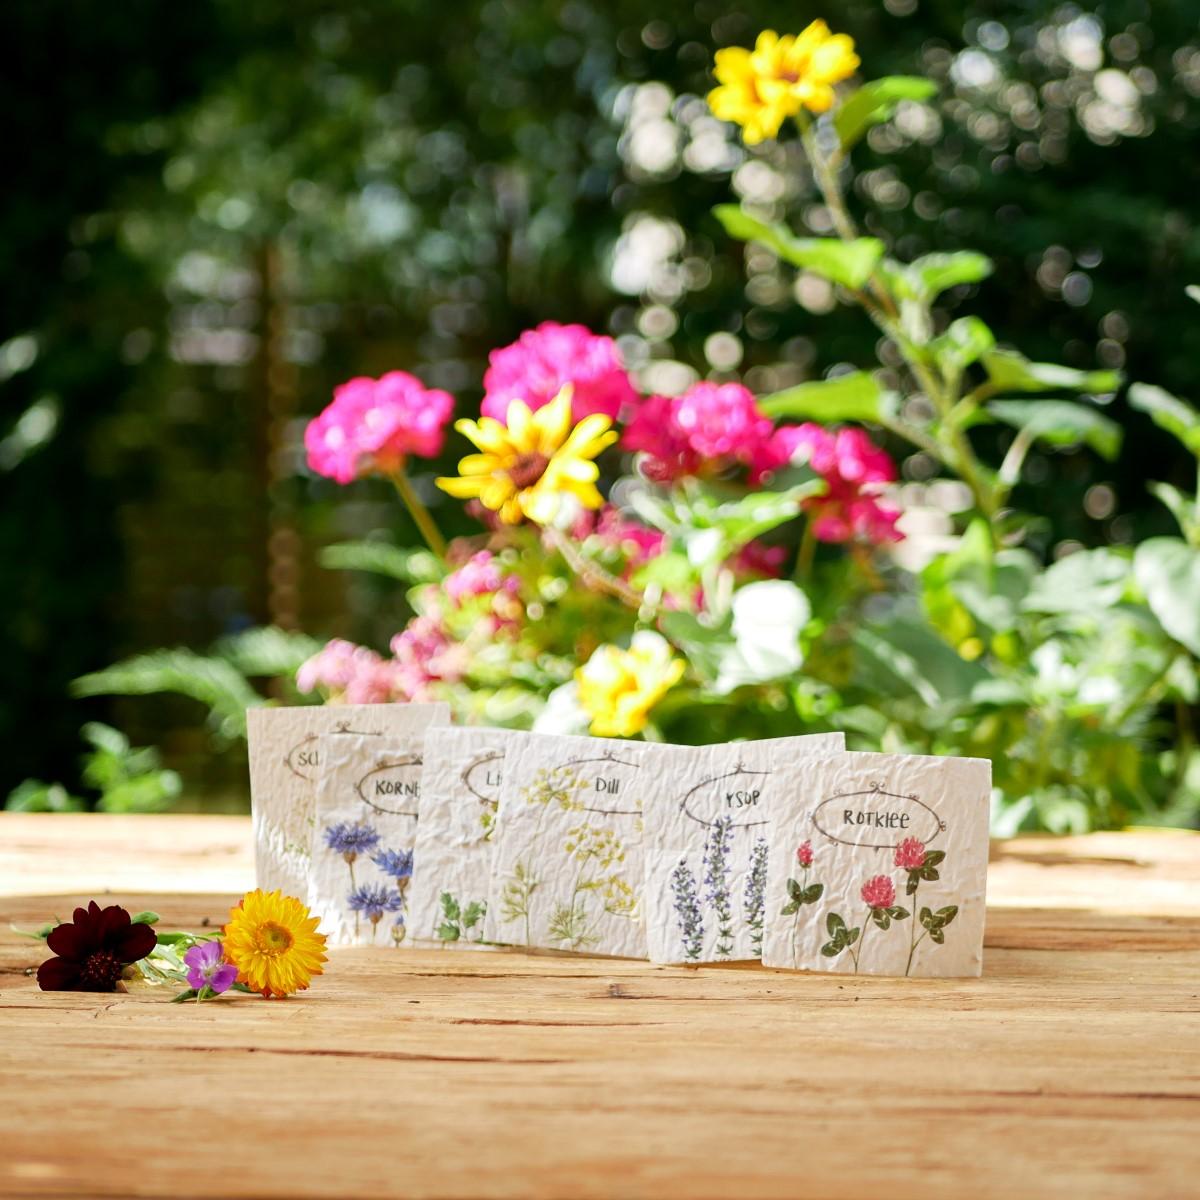 Samenpapier Karten für nachhaltiges Kinderbuch Emi Brillenbiene. Mit samenfestem Bio-Saatgut für bienenfreundlichen Blumen